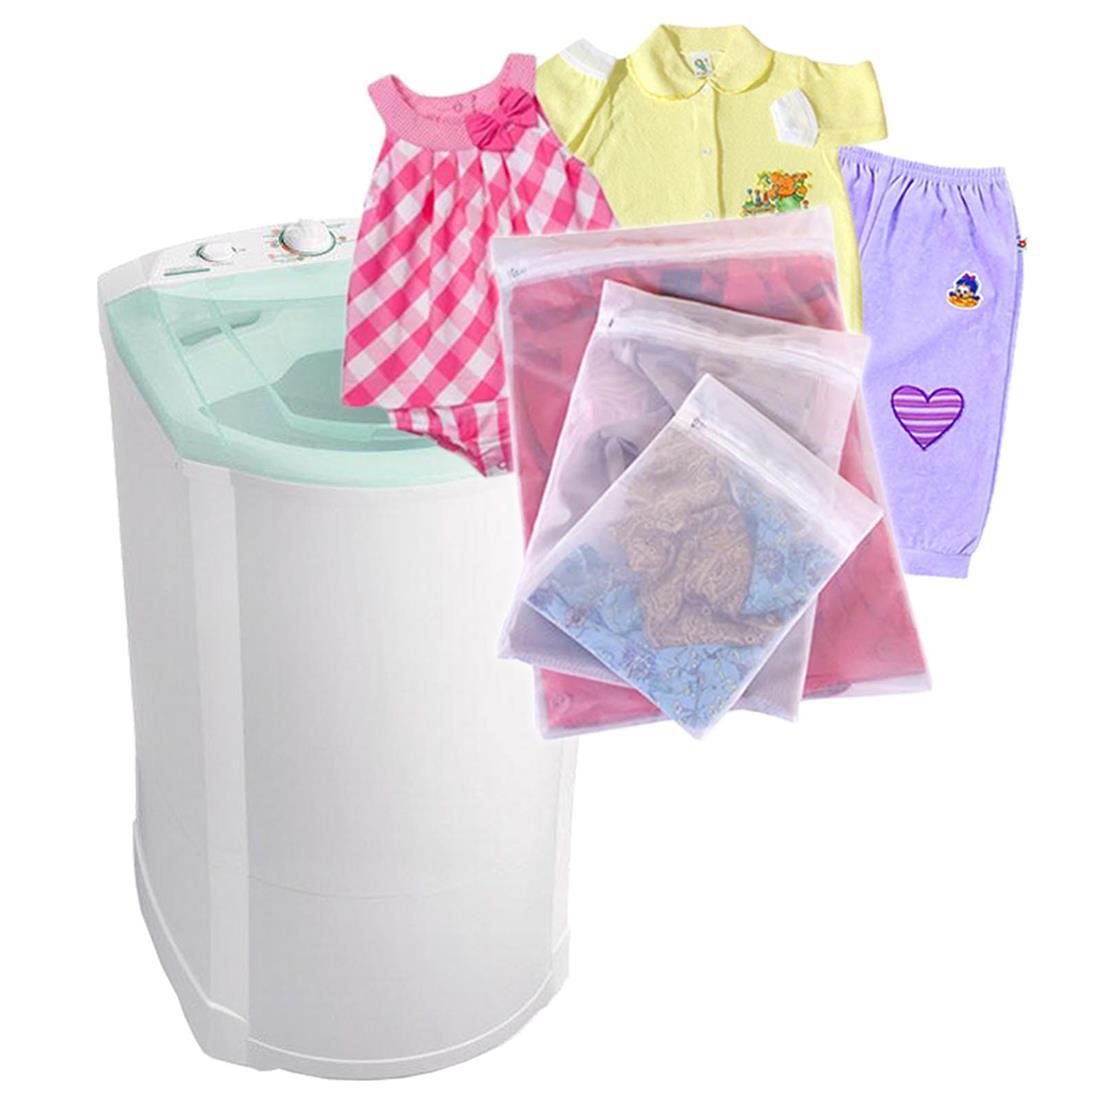 Seja na mão ou na máquina, o importante é saber como lavar as roupas corretamente